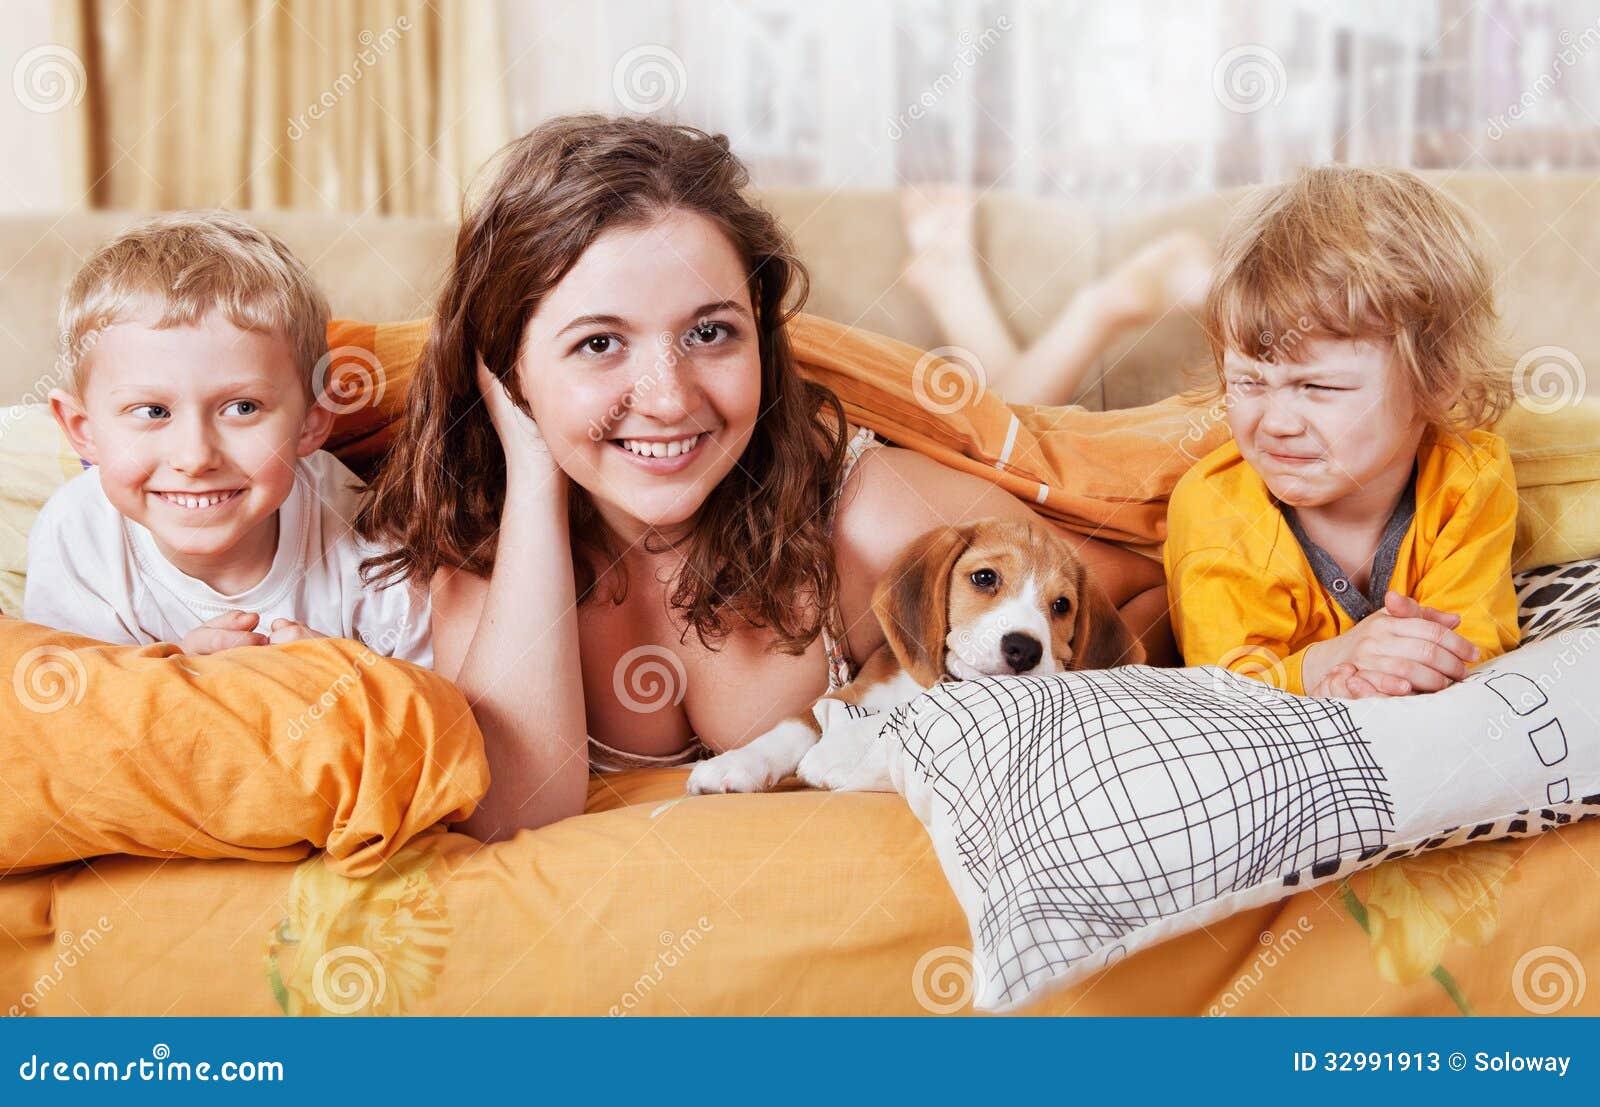 Сестры в постели 6 фотография